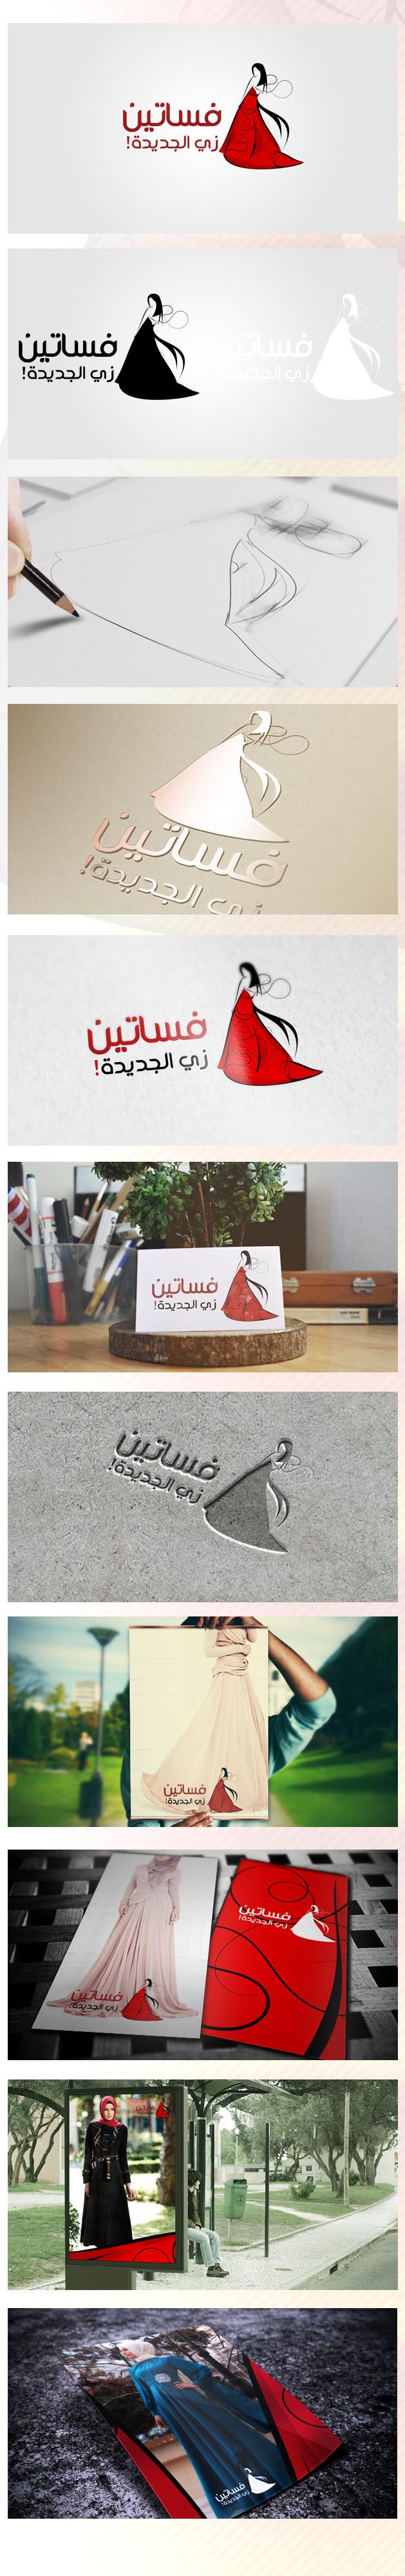 Zay elgedida logo design by ahdaiba